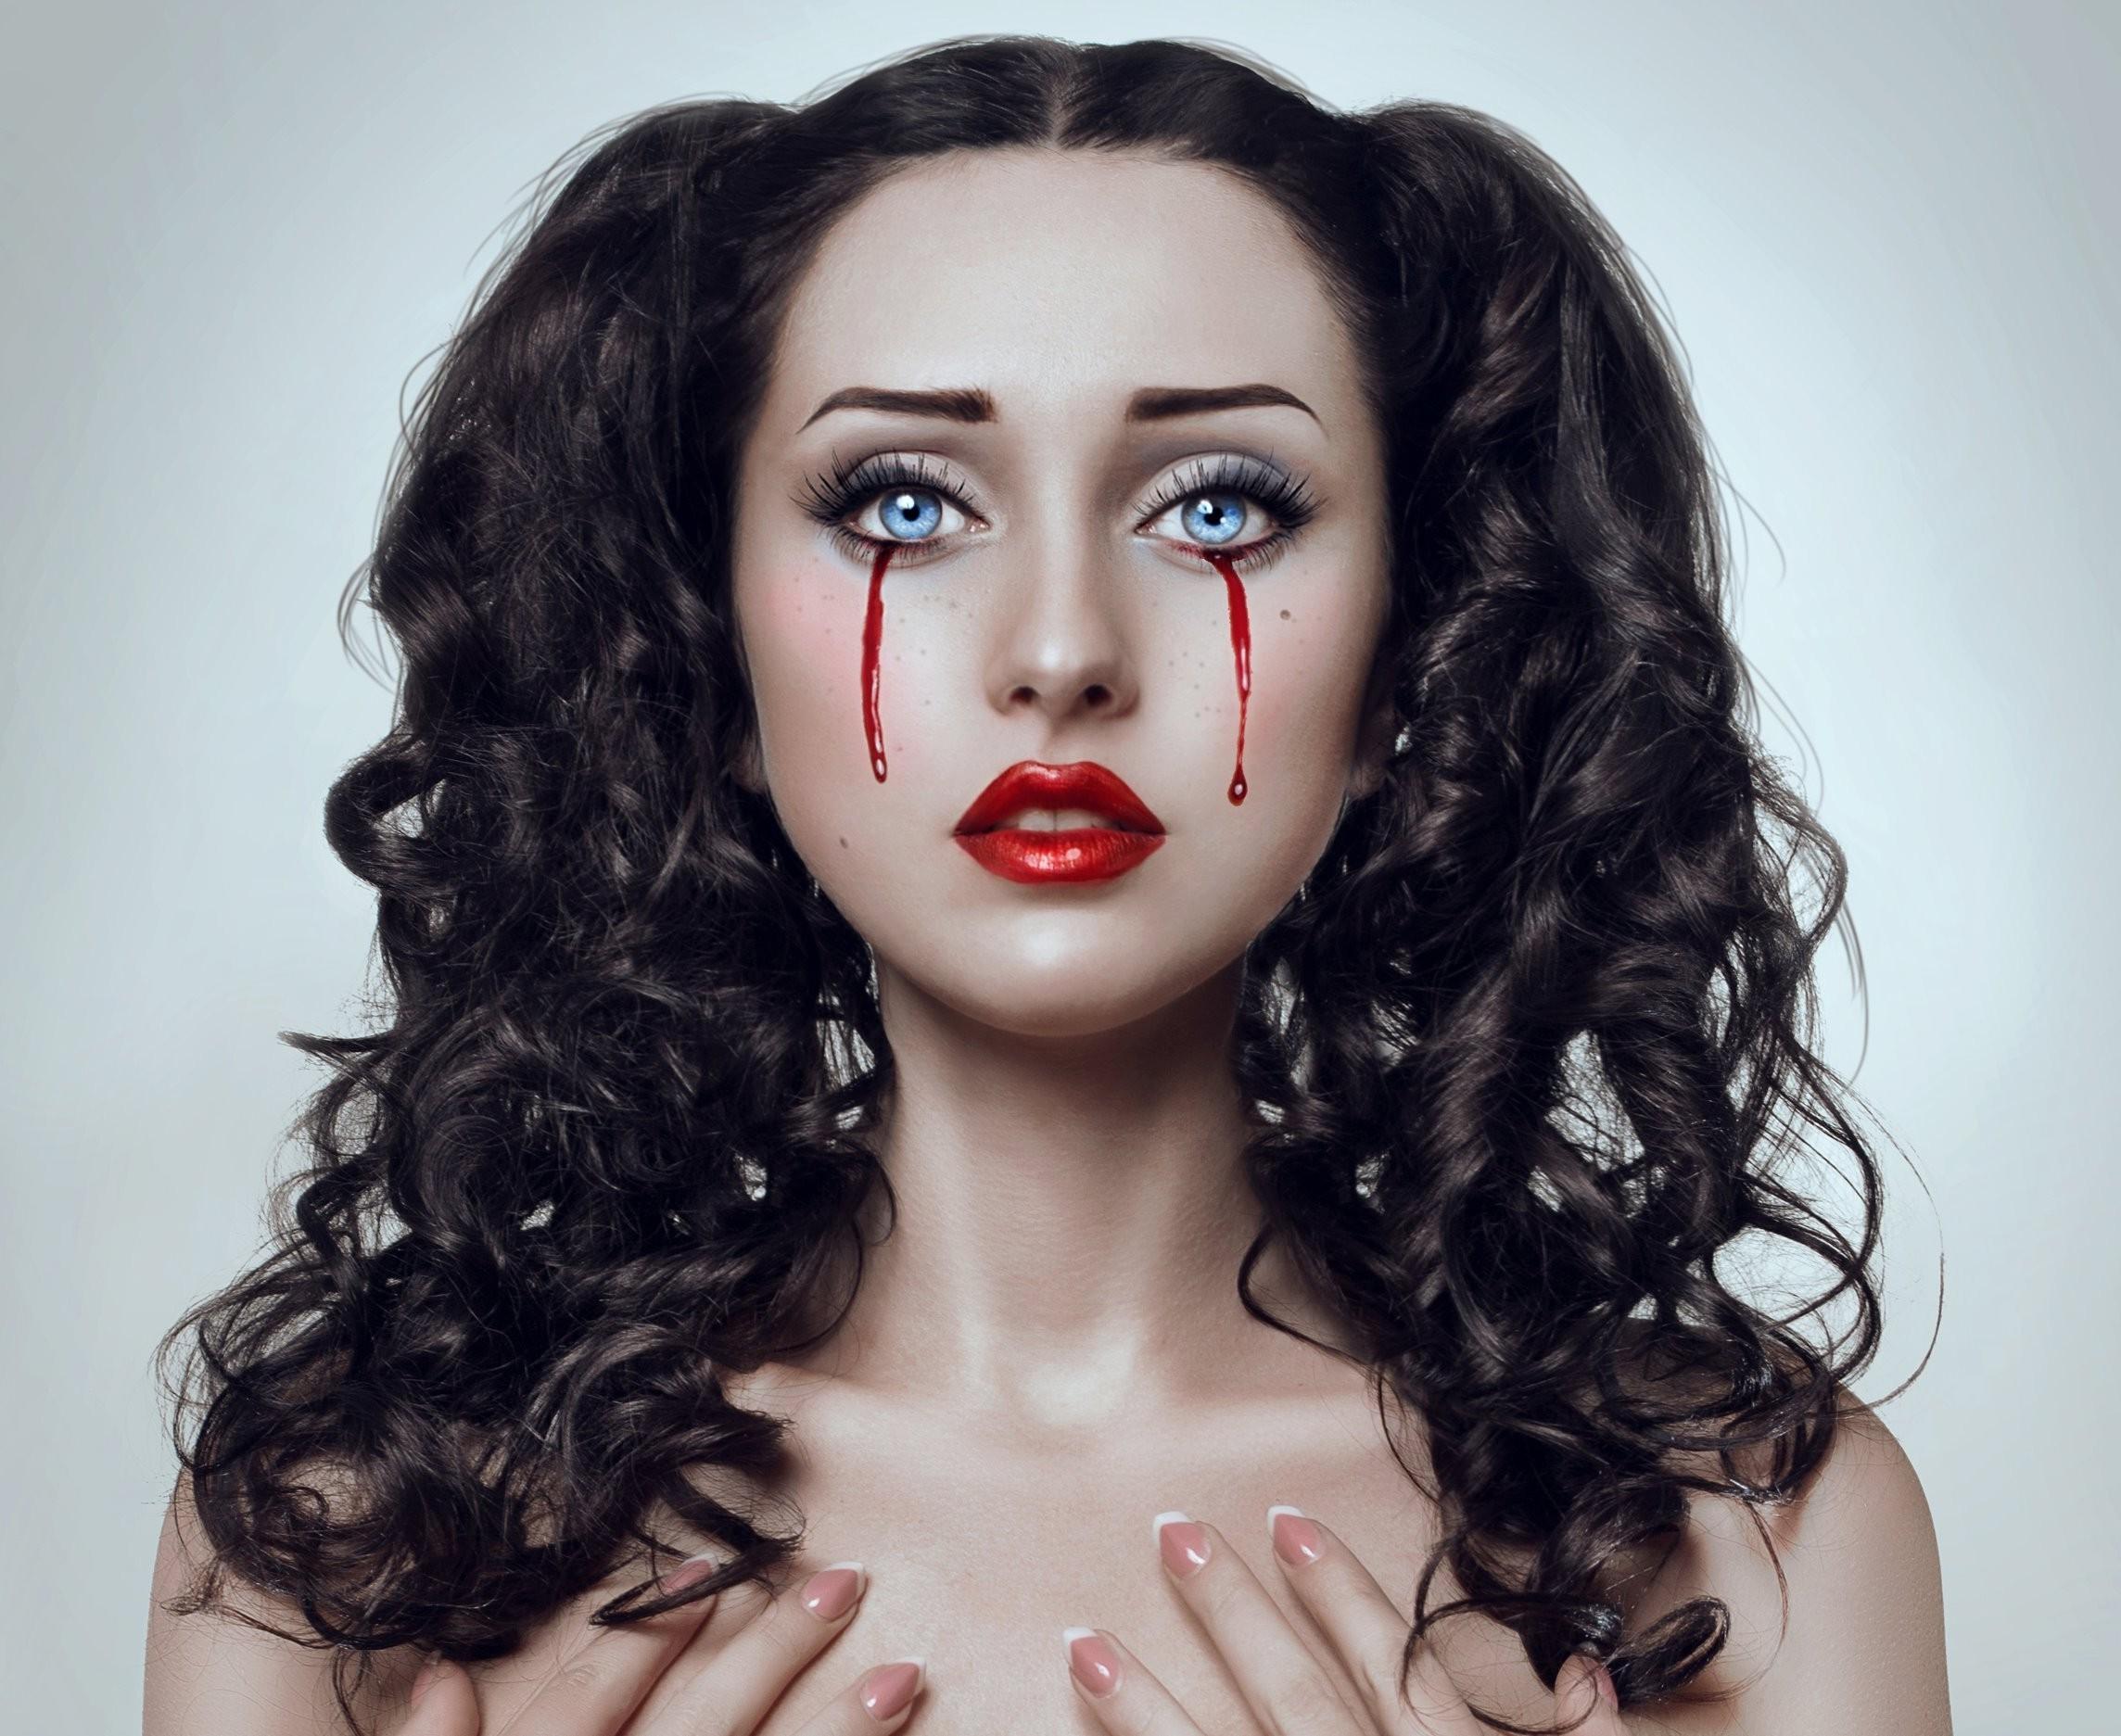 Hình nền : đối mặt, đàn bà, mô hình, tóc dài, Đỏ, nhiếp ảnh, tóc đen, Máu, thời trang, Mũi, Quần áo, cái đầu, Nước mắt chảy máu, Lubov Pabat, sắc đẹp, ...